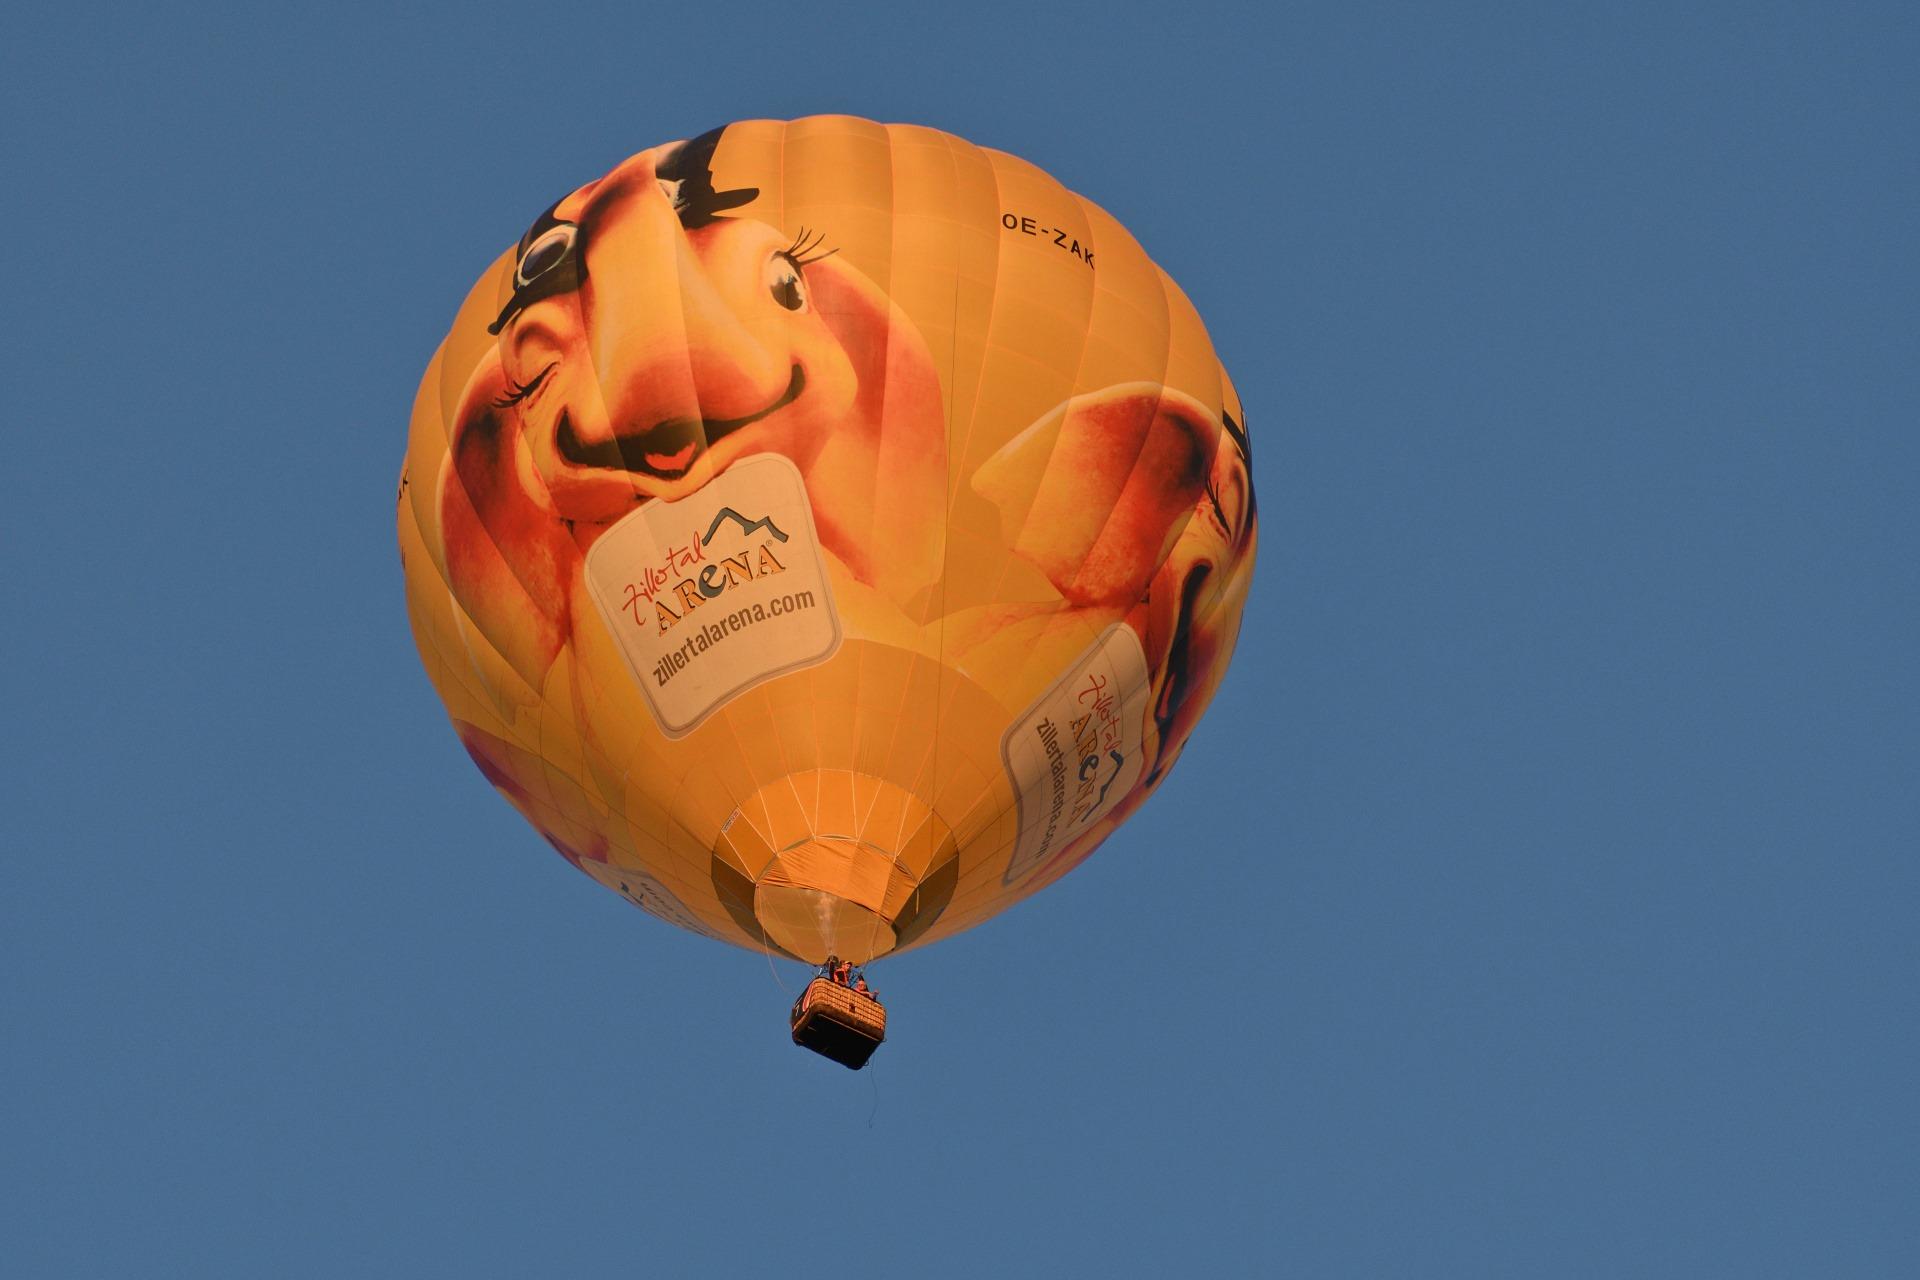 OE-ZAK Zillertal Arena - Type: Cameron Z-120Baujahr: 2016Hersteller: Cameron Balloons UKVolumen: 3400 m³Verwendung: Gäste, Schulung und NachtfahrtenTragfähigkeit: Pilot plus 3 Personen (ca. 270kg)Verantwortlicher Pilot: Manuel Brustbauer